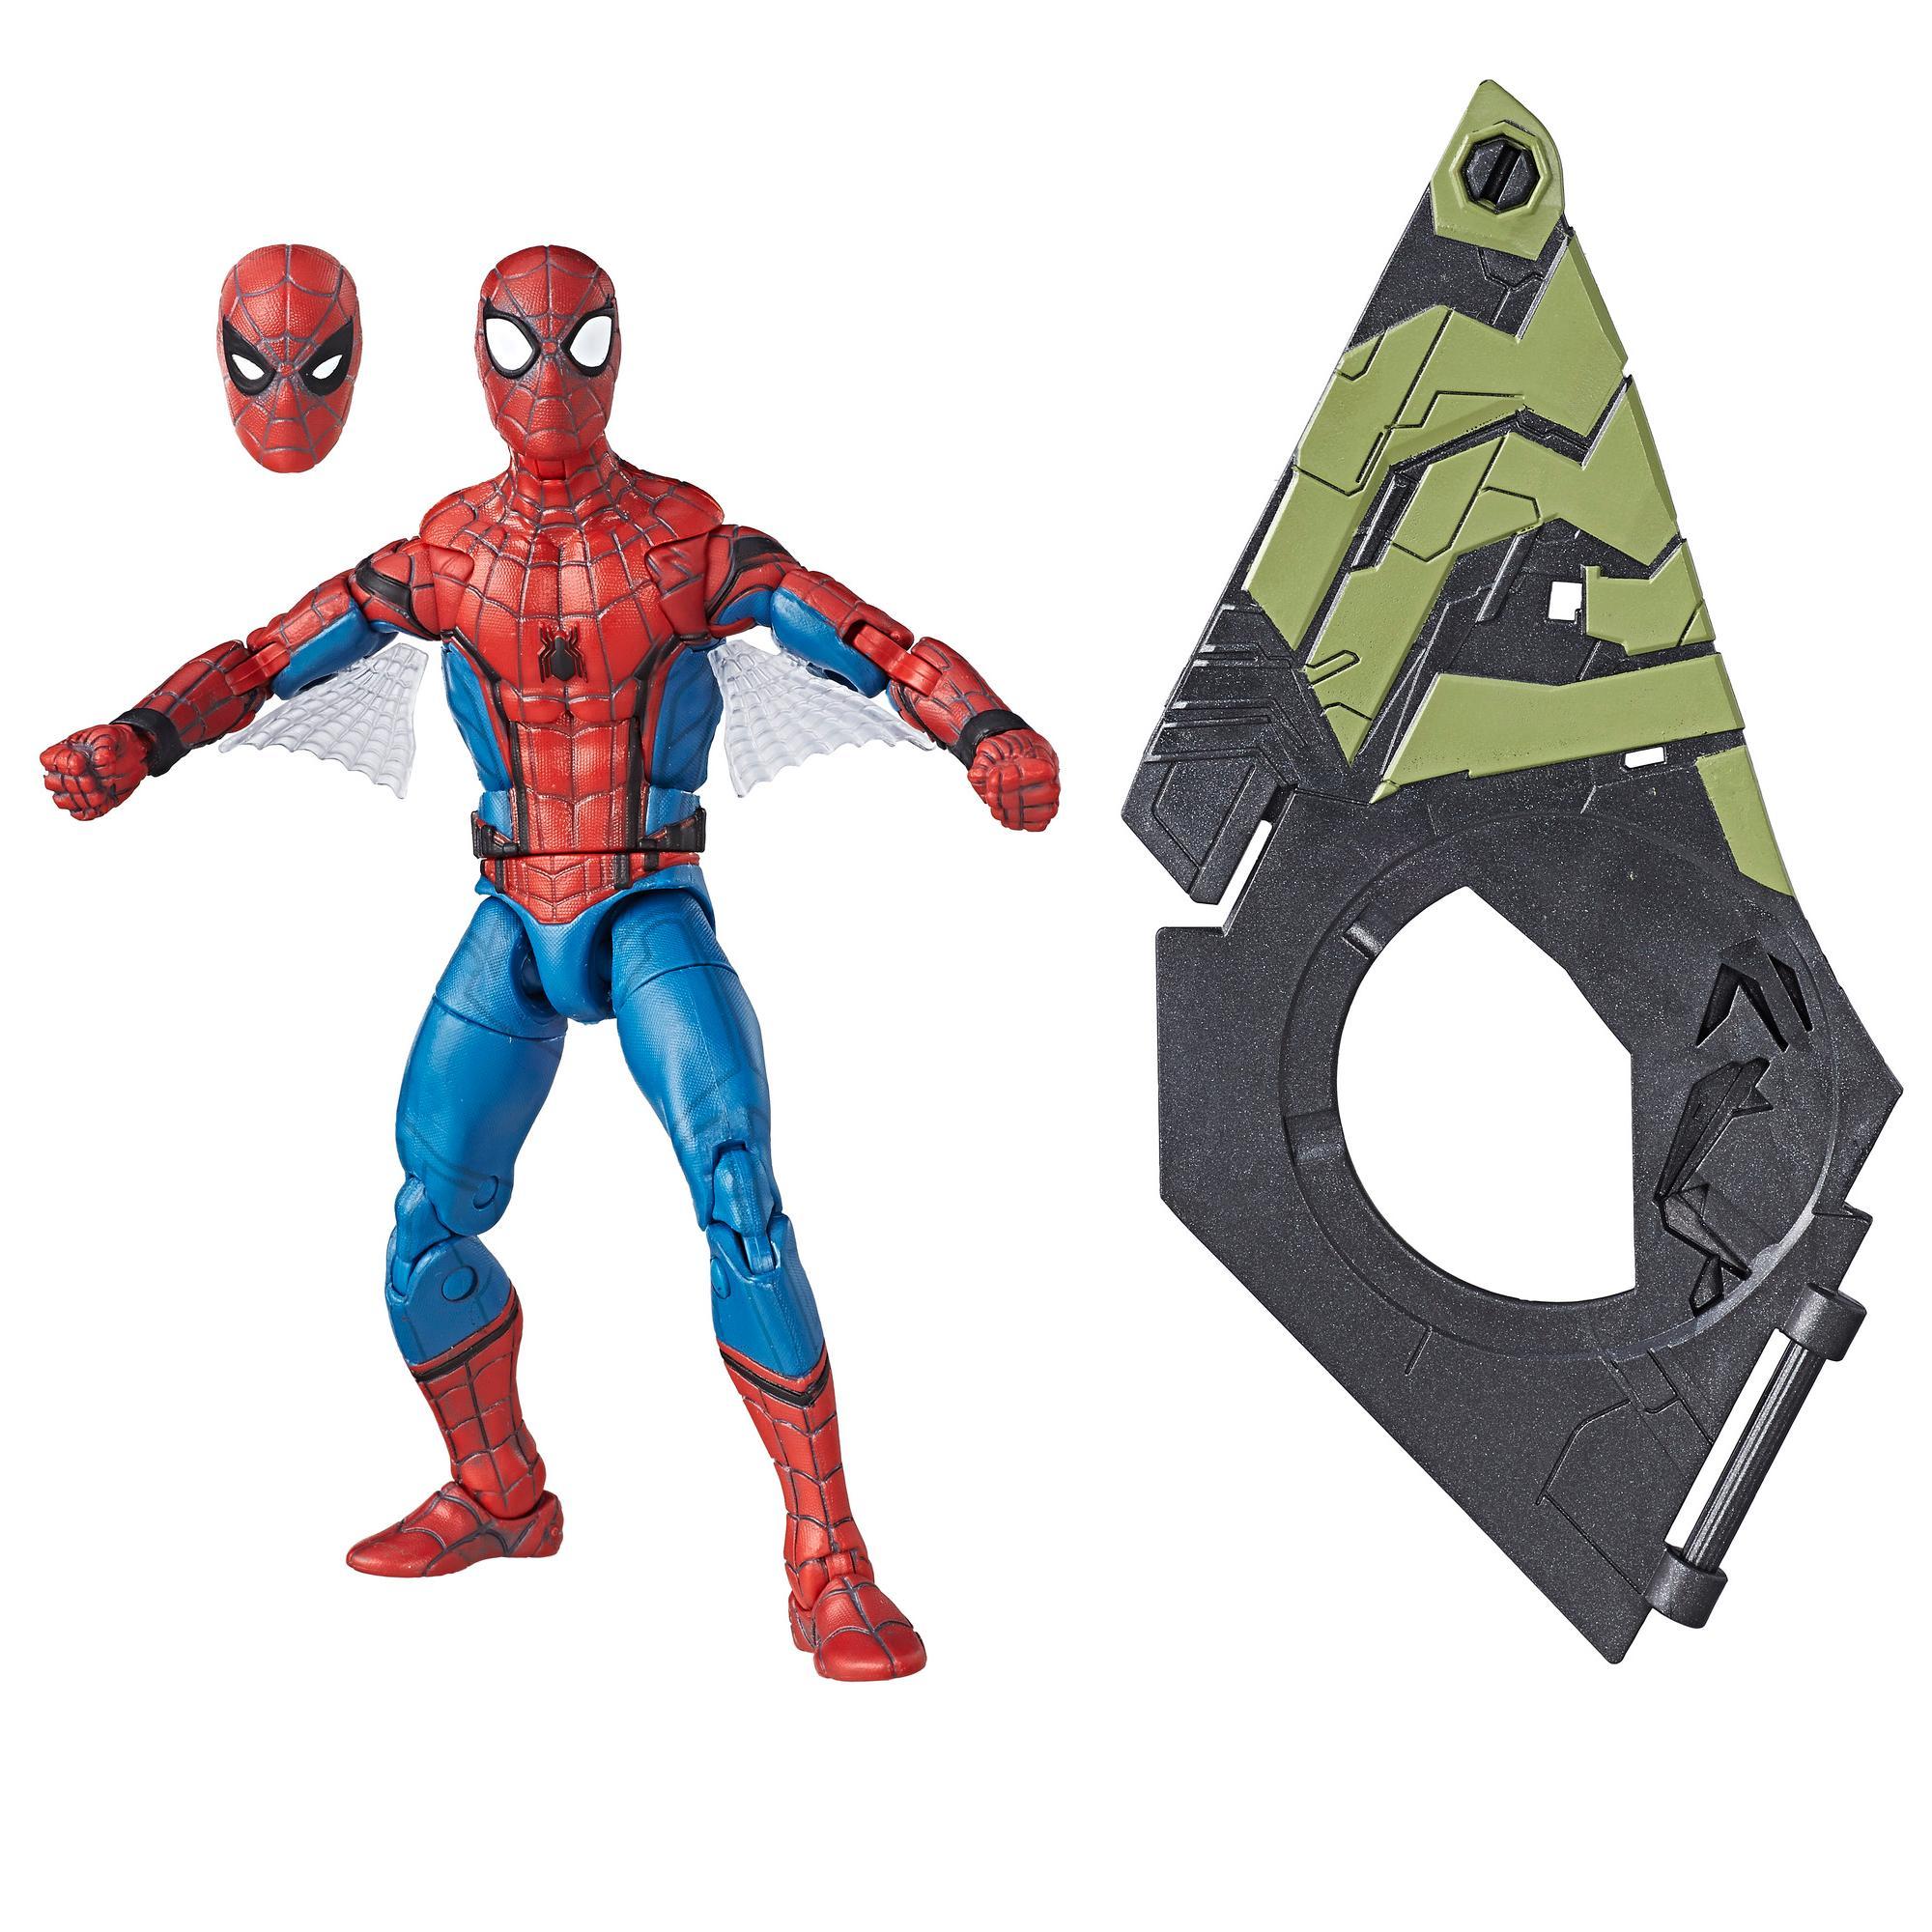 Marvel Spider-Man 15cm Legends Series Spider-Man